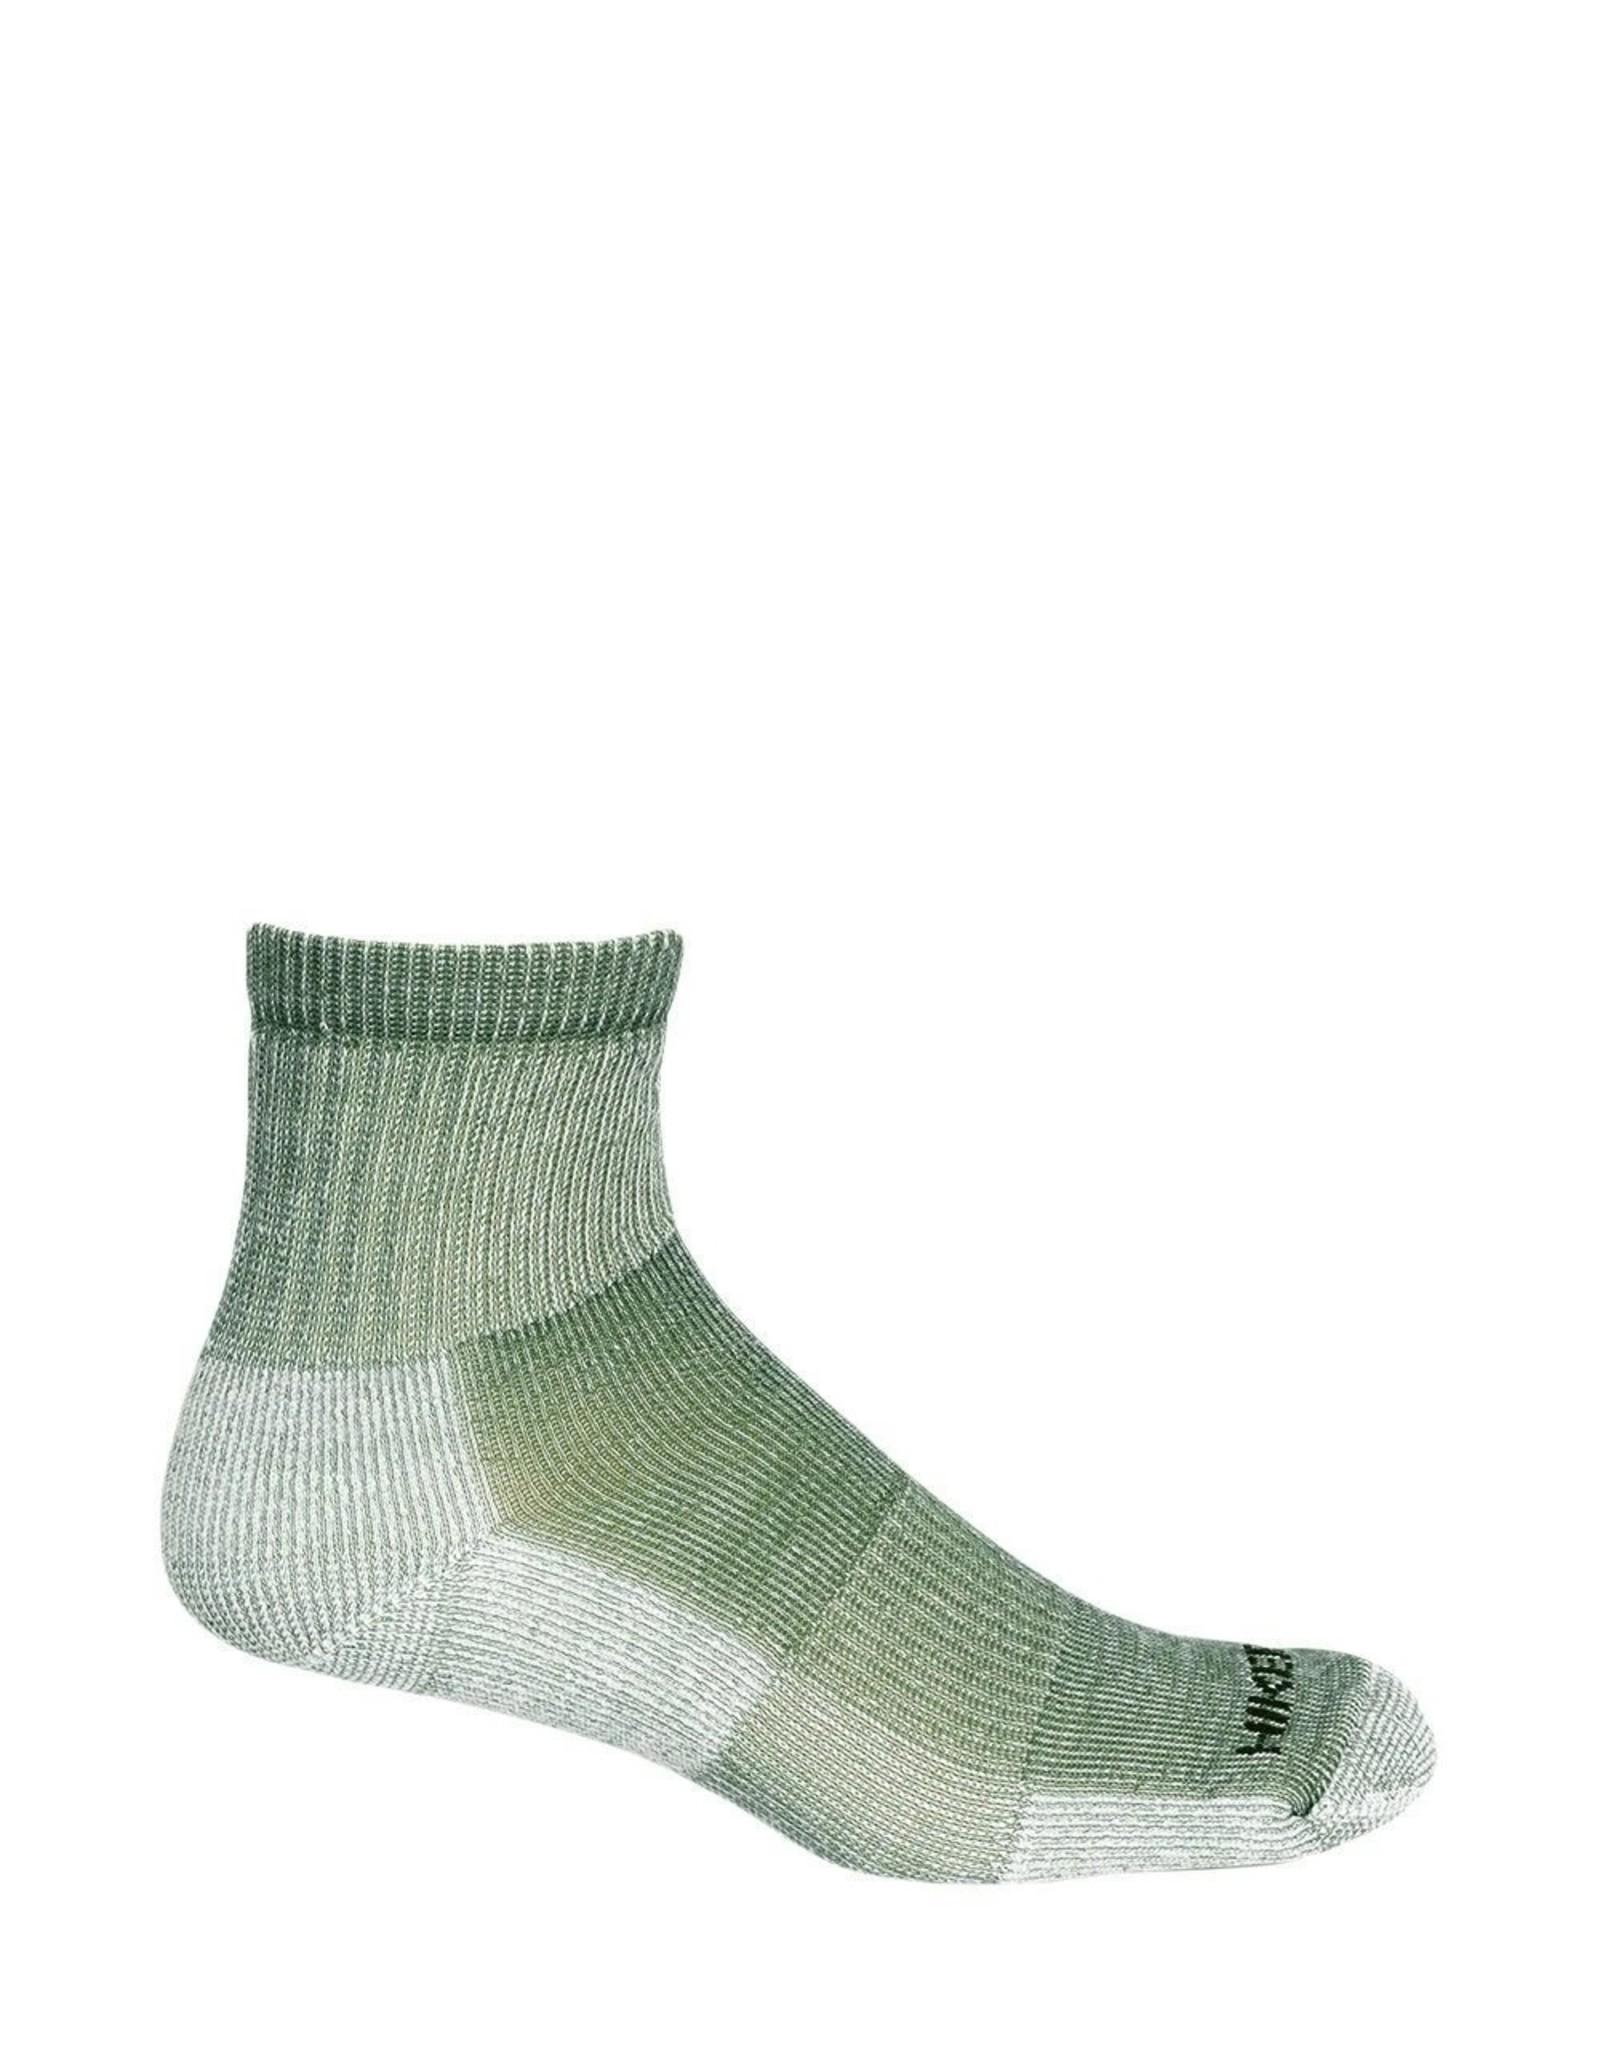 J.B. FIELDS - GREAT SOX J.B Fields Hiking Ankle  Socks (74% Merino Wool)